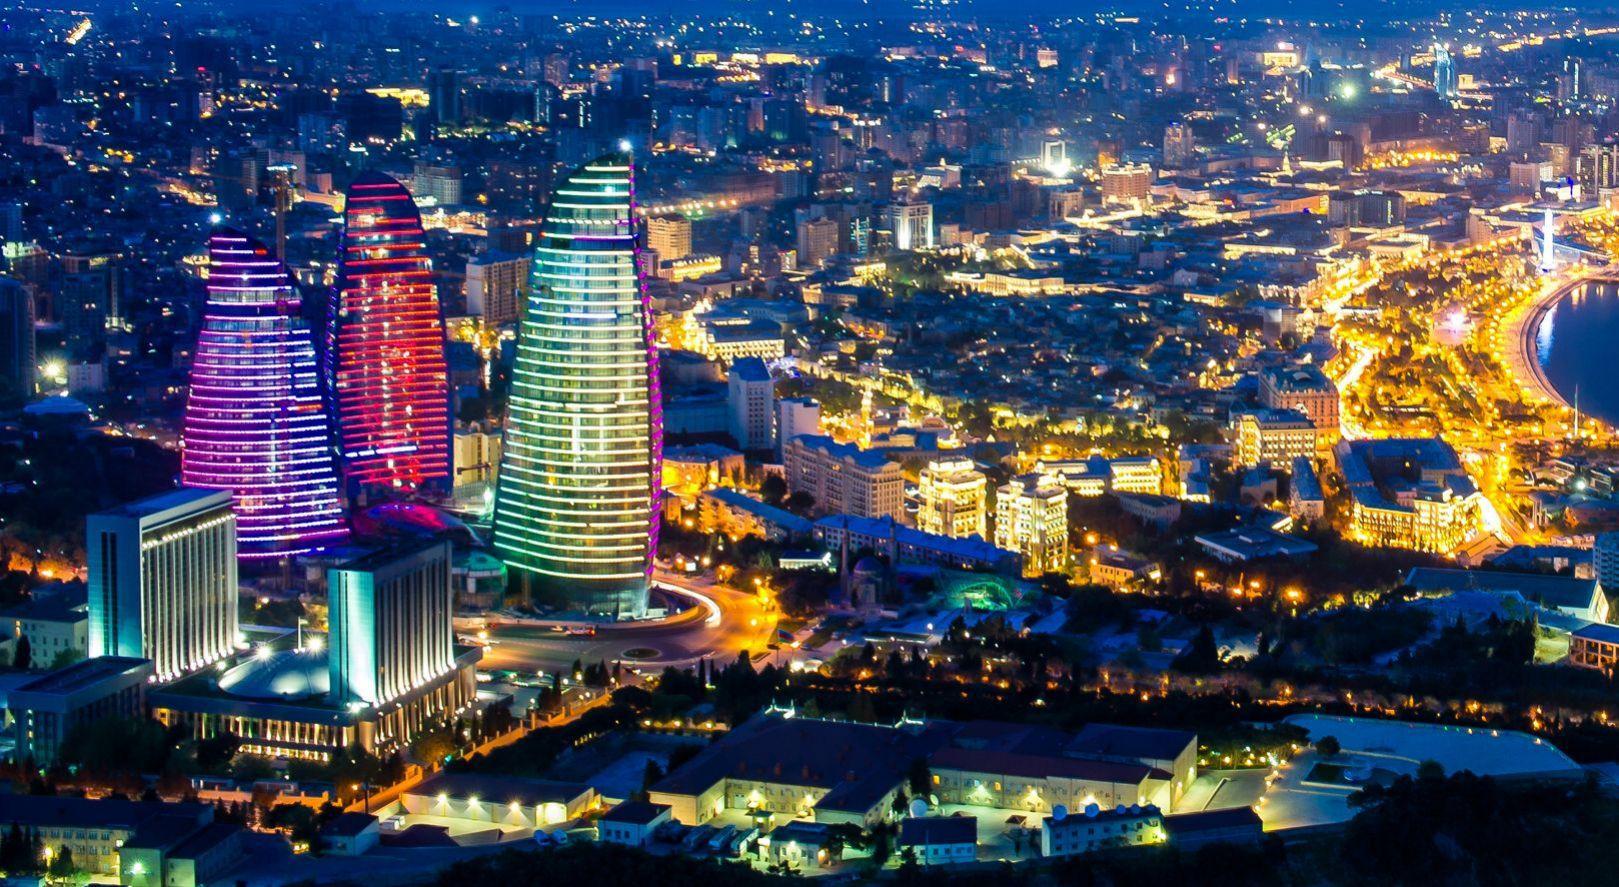 مدينه ليريك اذربيجان